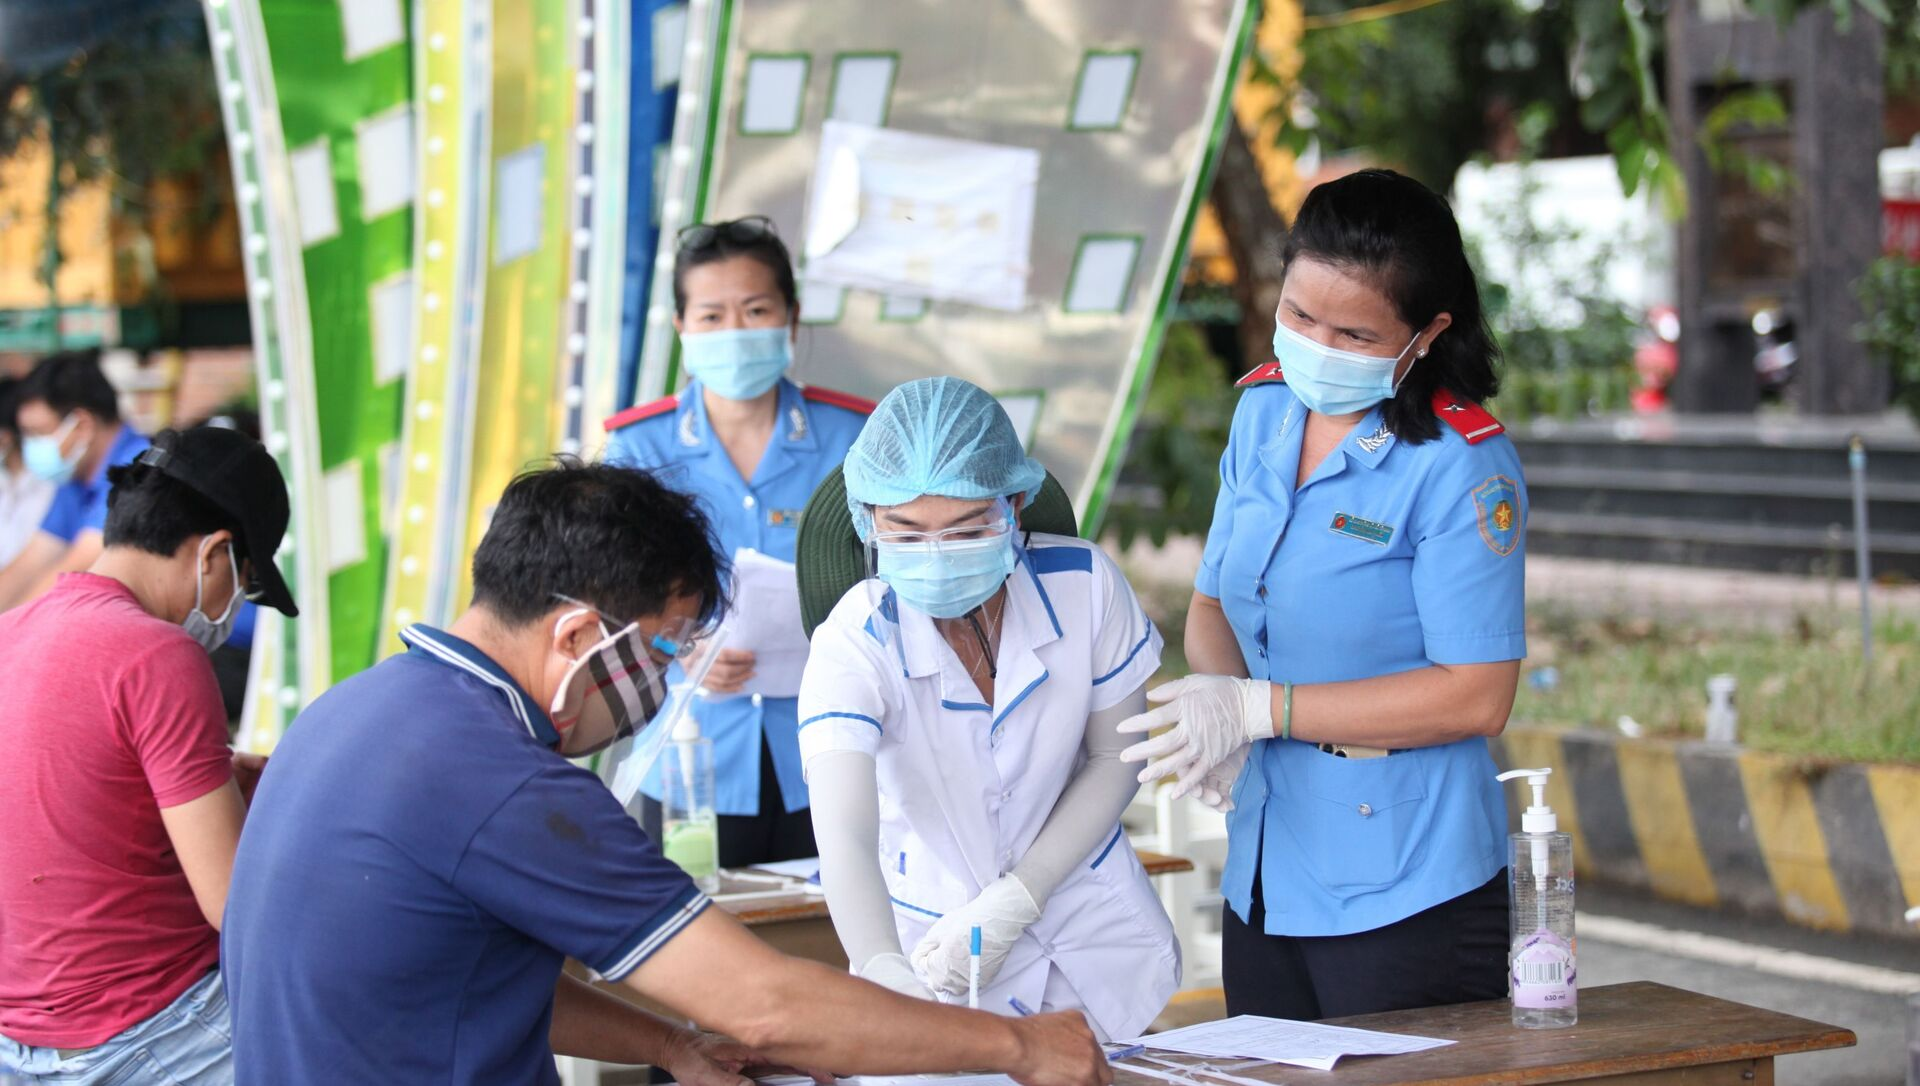 Các tài xế khai báo y tế và các thủ tục cần thiết trước khi vào địa phận tỉnh Tây Ninh - Sputnik Việt Nam, 1920, 25.09.2021